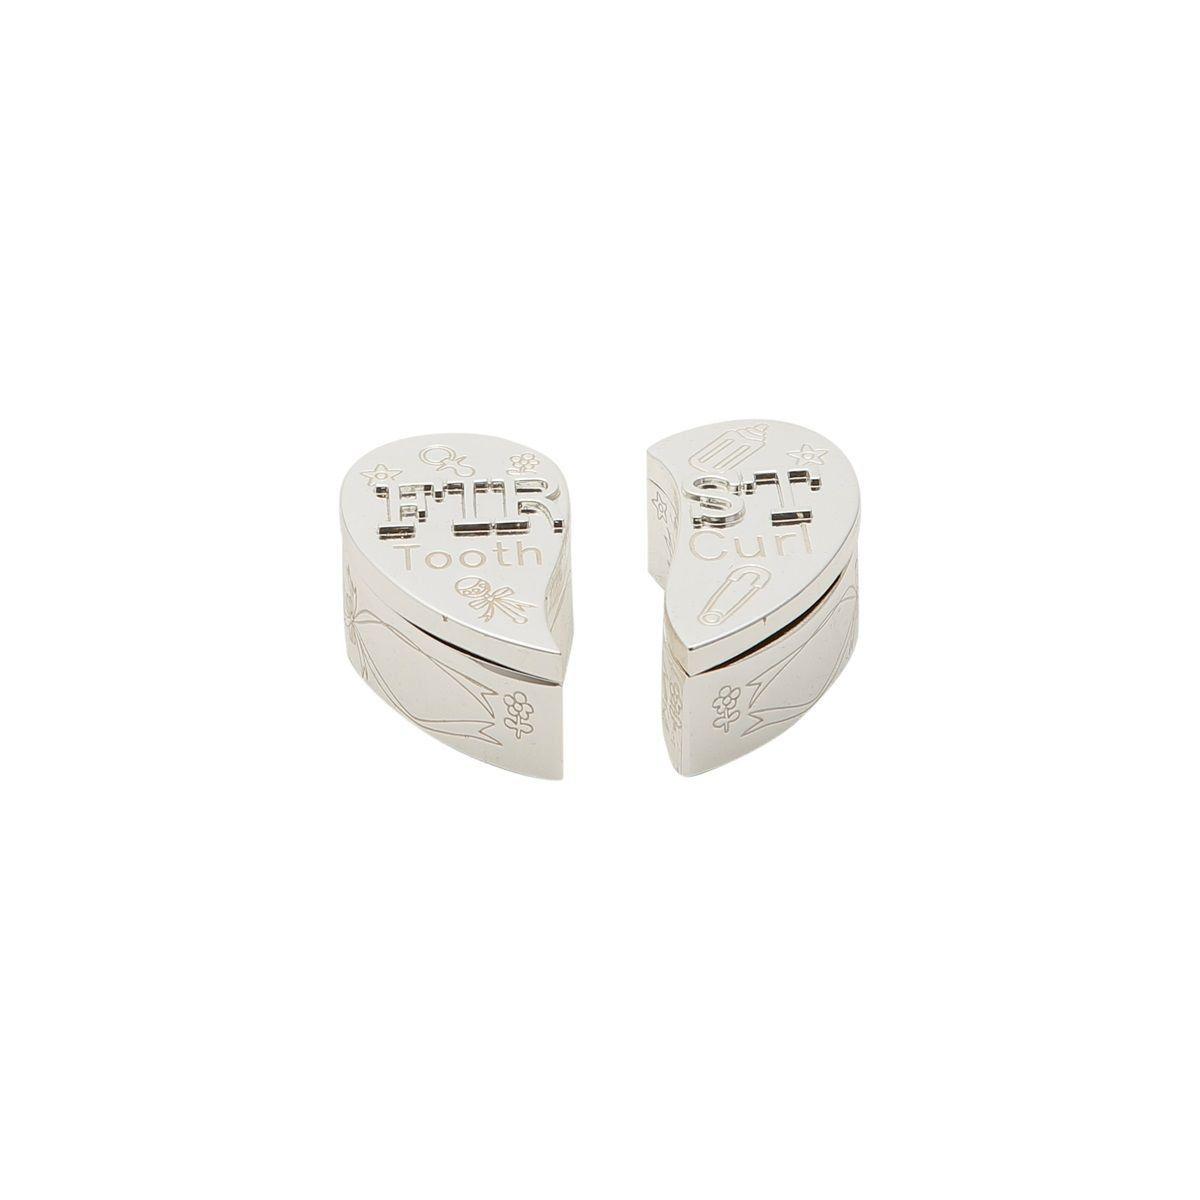 Caixa para dente e cabelo 6,5 cm de zamac prateado Coração Prestige - 2955